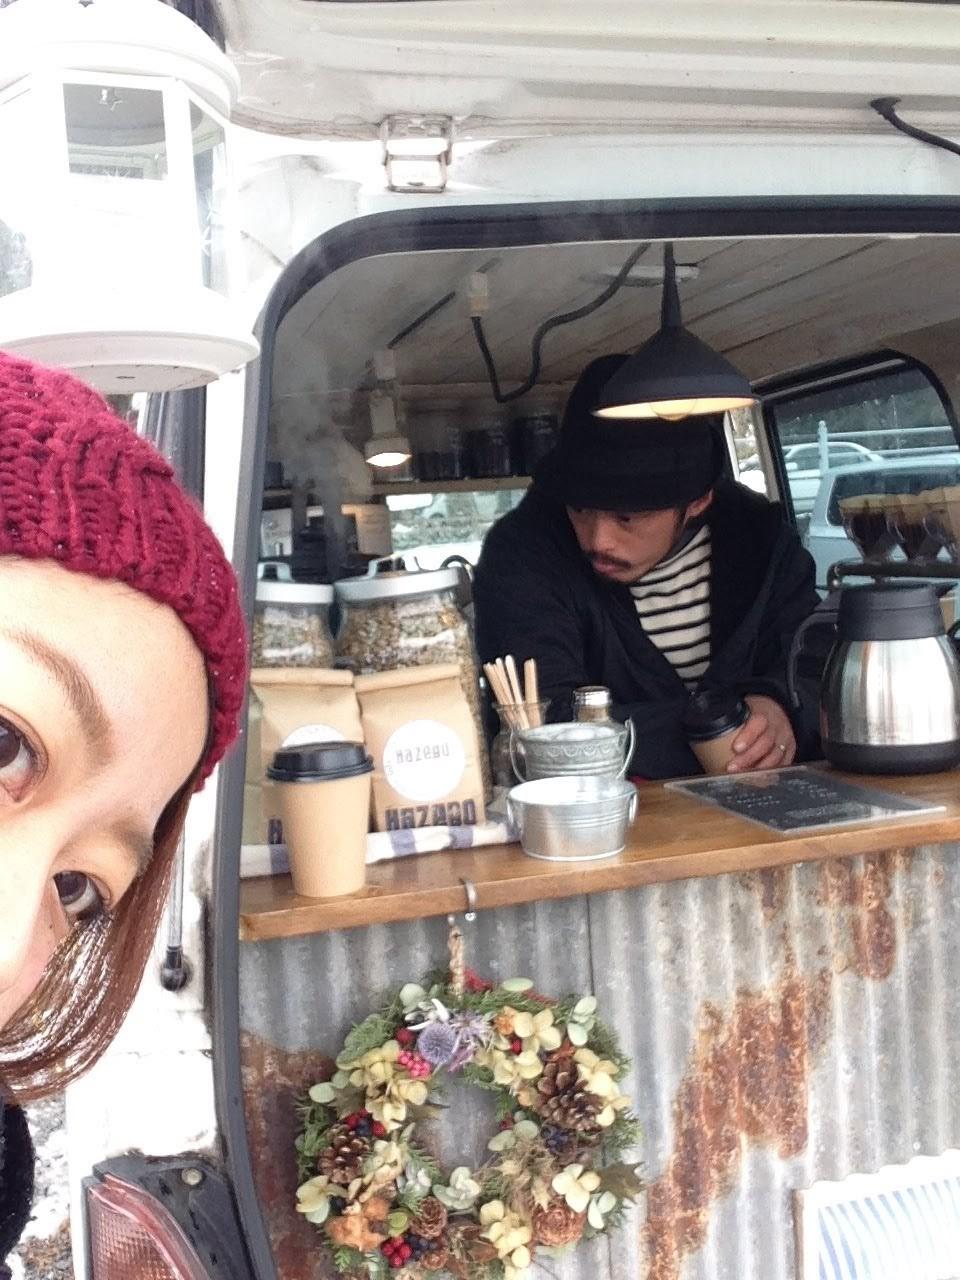 小倉生まれ渋谷育ちの自由人。紆余曲折しながらも自分で切り拓いてきた先に出会った日田でカフェをオープン。カフェ、内装、デザイン、配信を事業化しながらカルチャースポットを企みつつ、自分らしく暮らす日々。